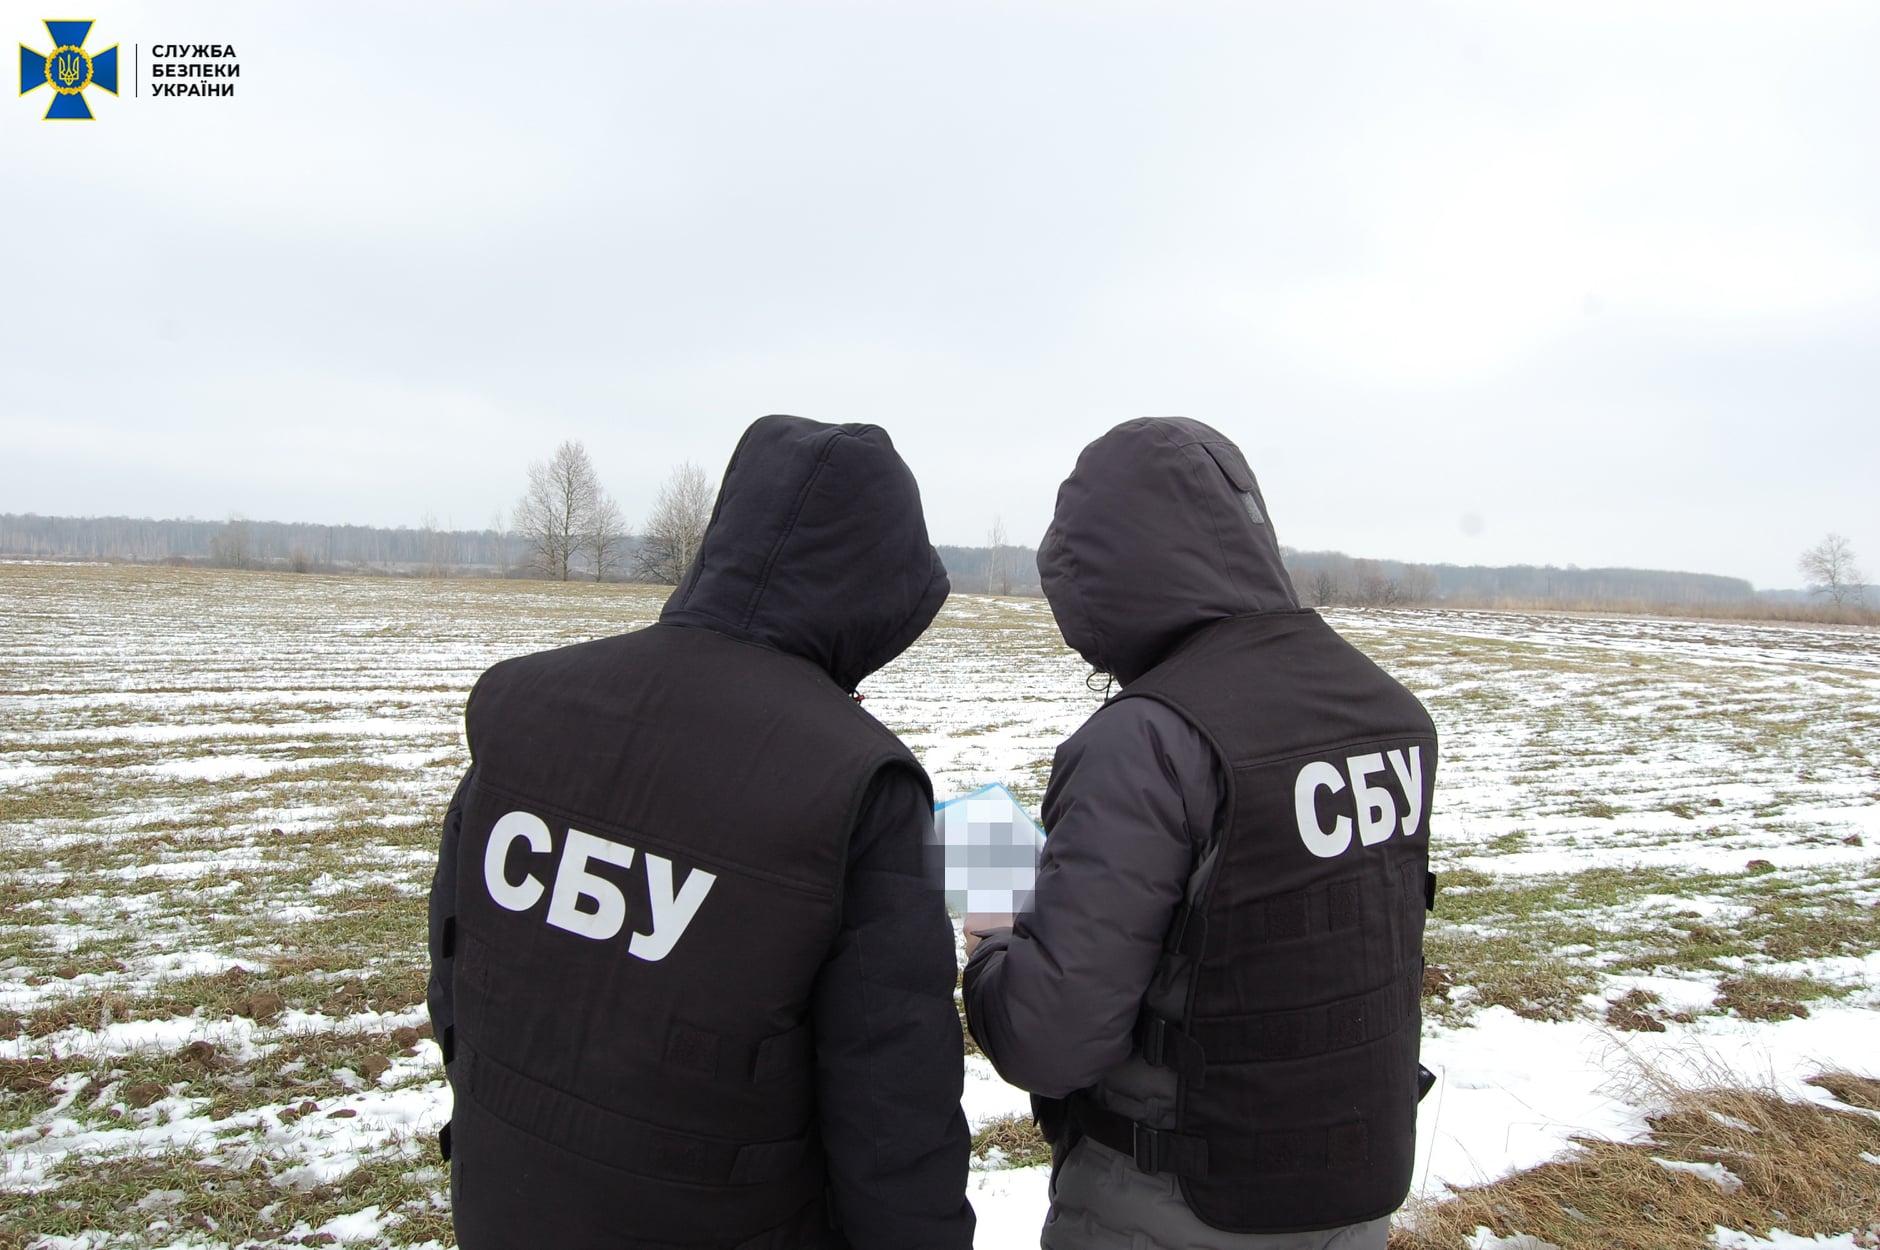 СБУ на Чернігівщині заблокувала незаконний видобуток корисних копалин на понад 19 мільйонів гривень (Фото)